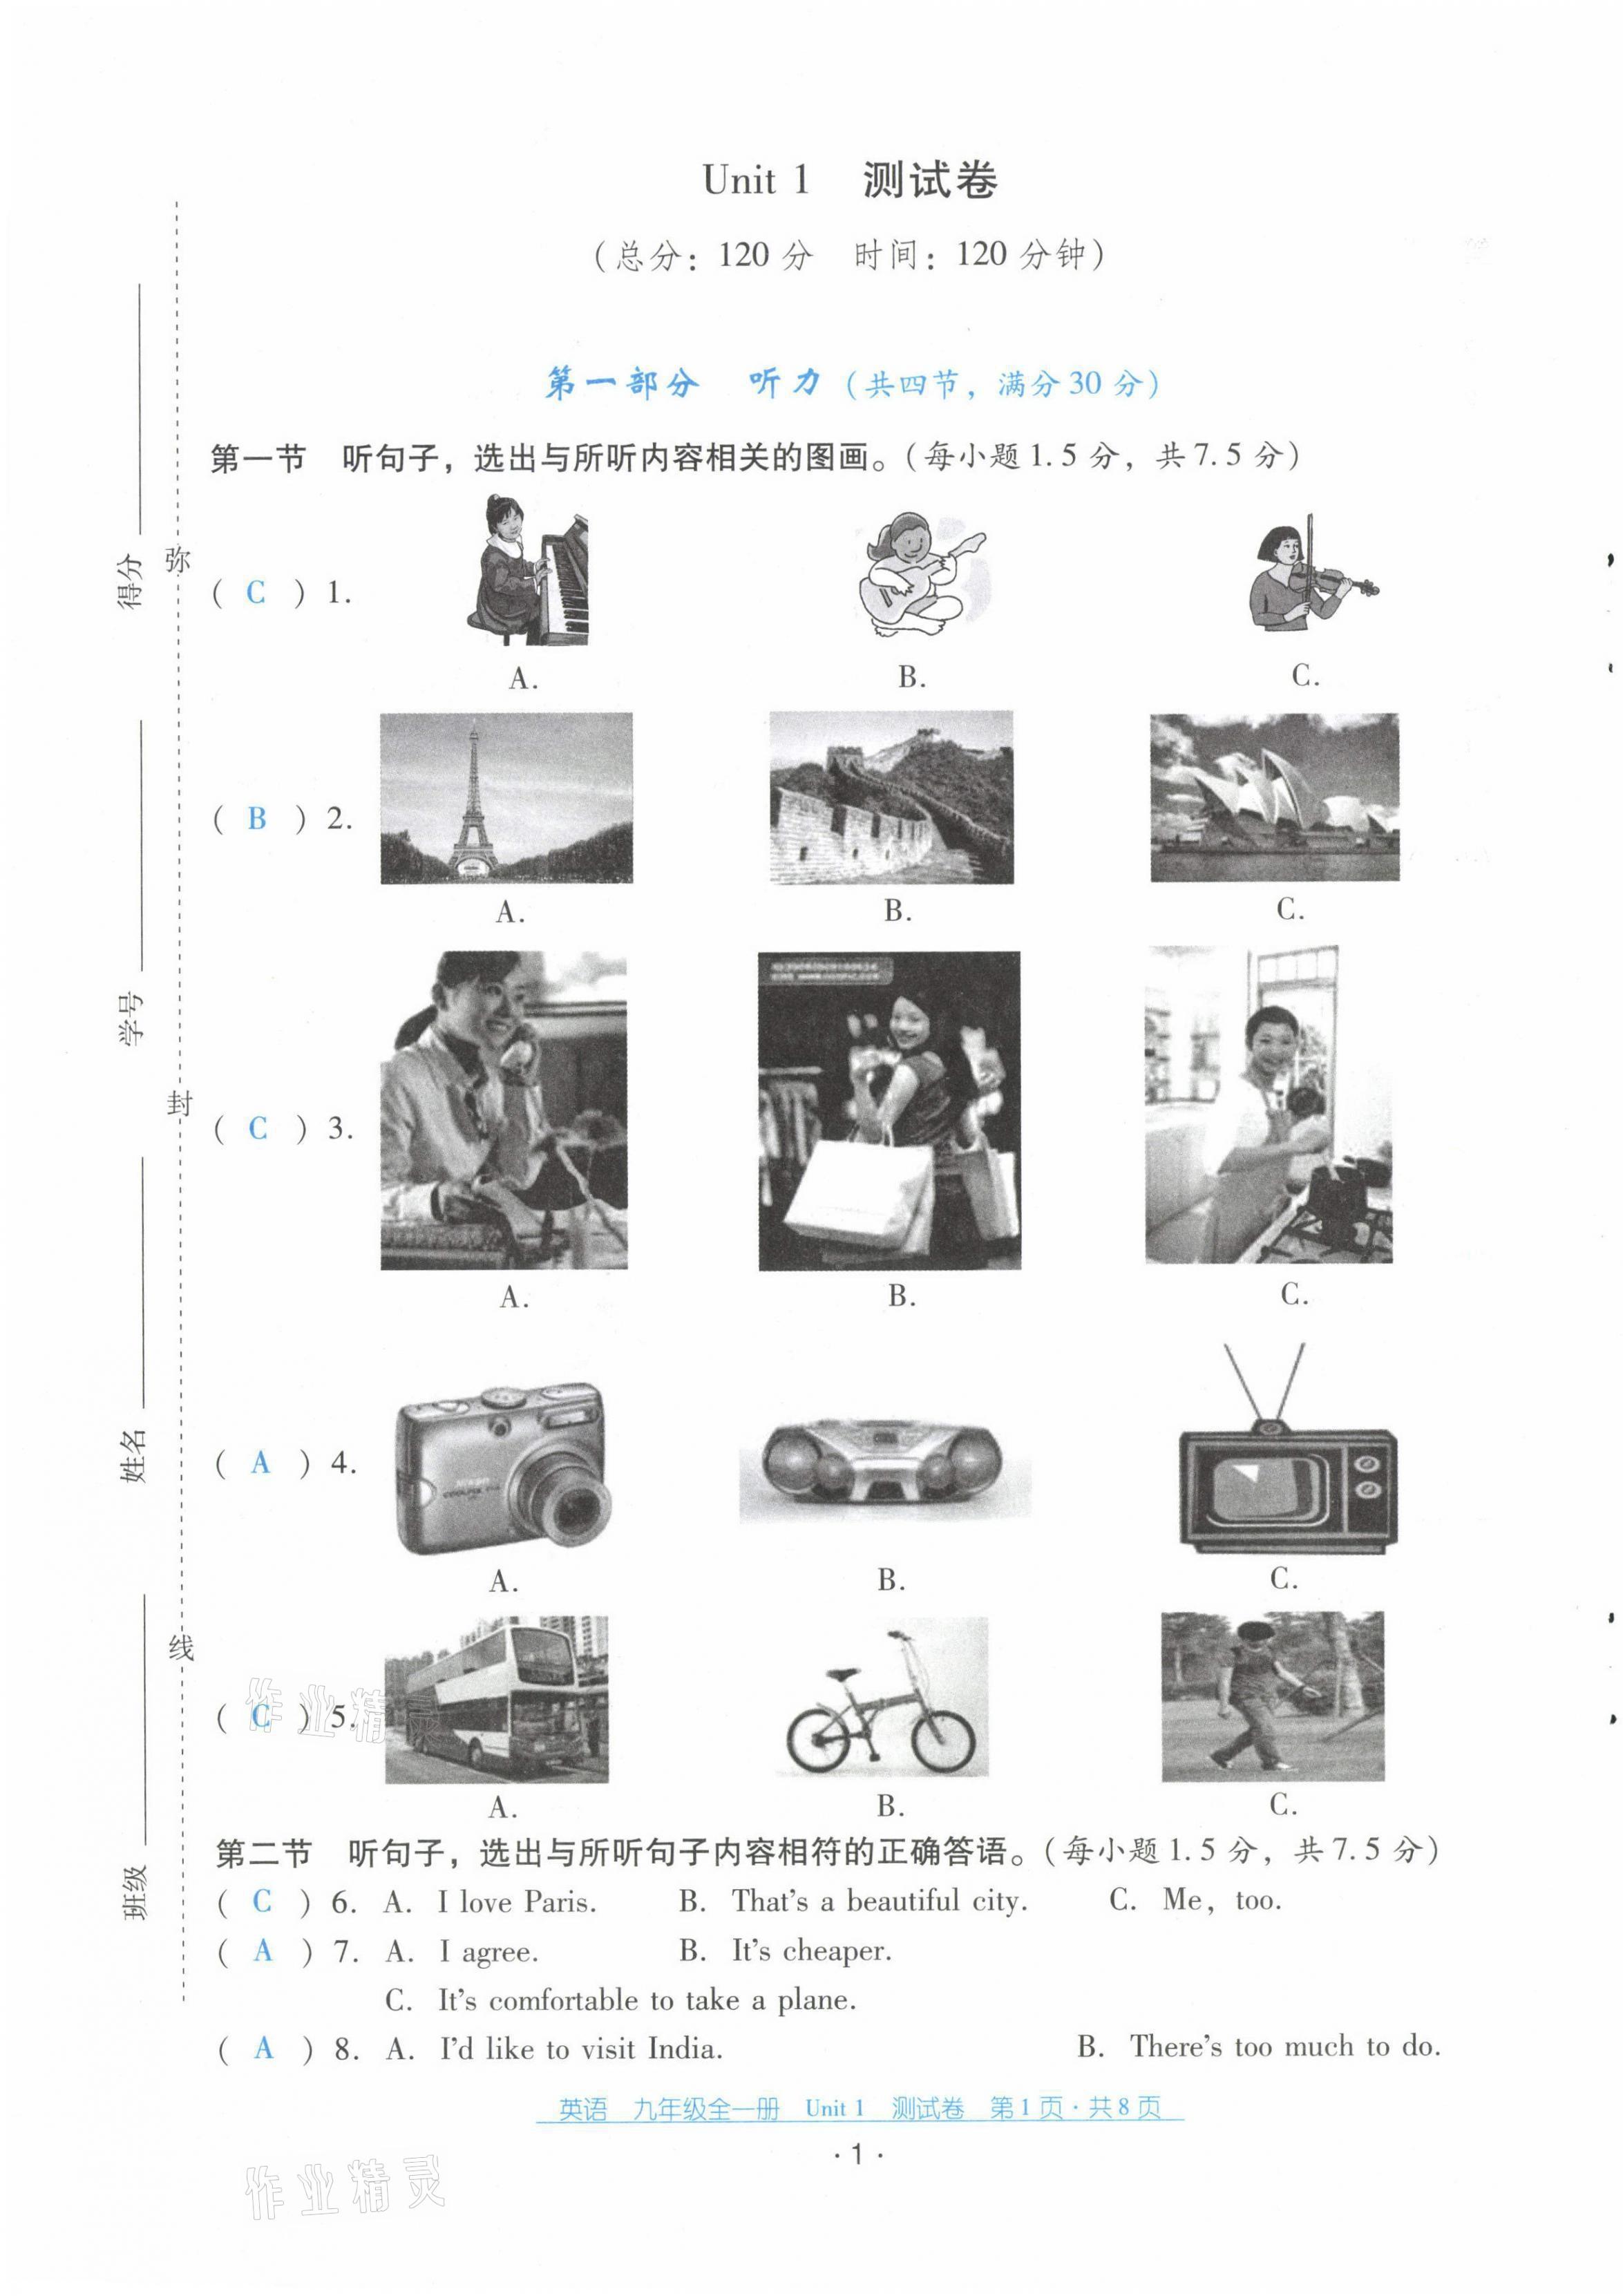 2021年云南省标准教辅优佳学案配套测试卷九年级英语全一册人教版第1页